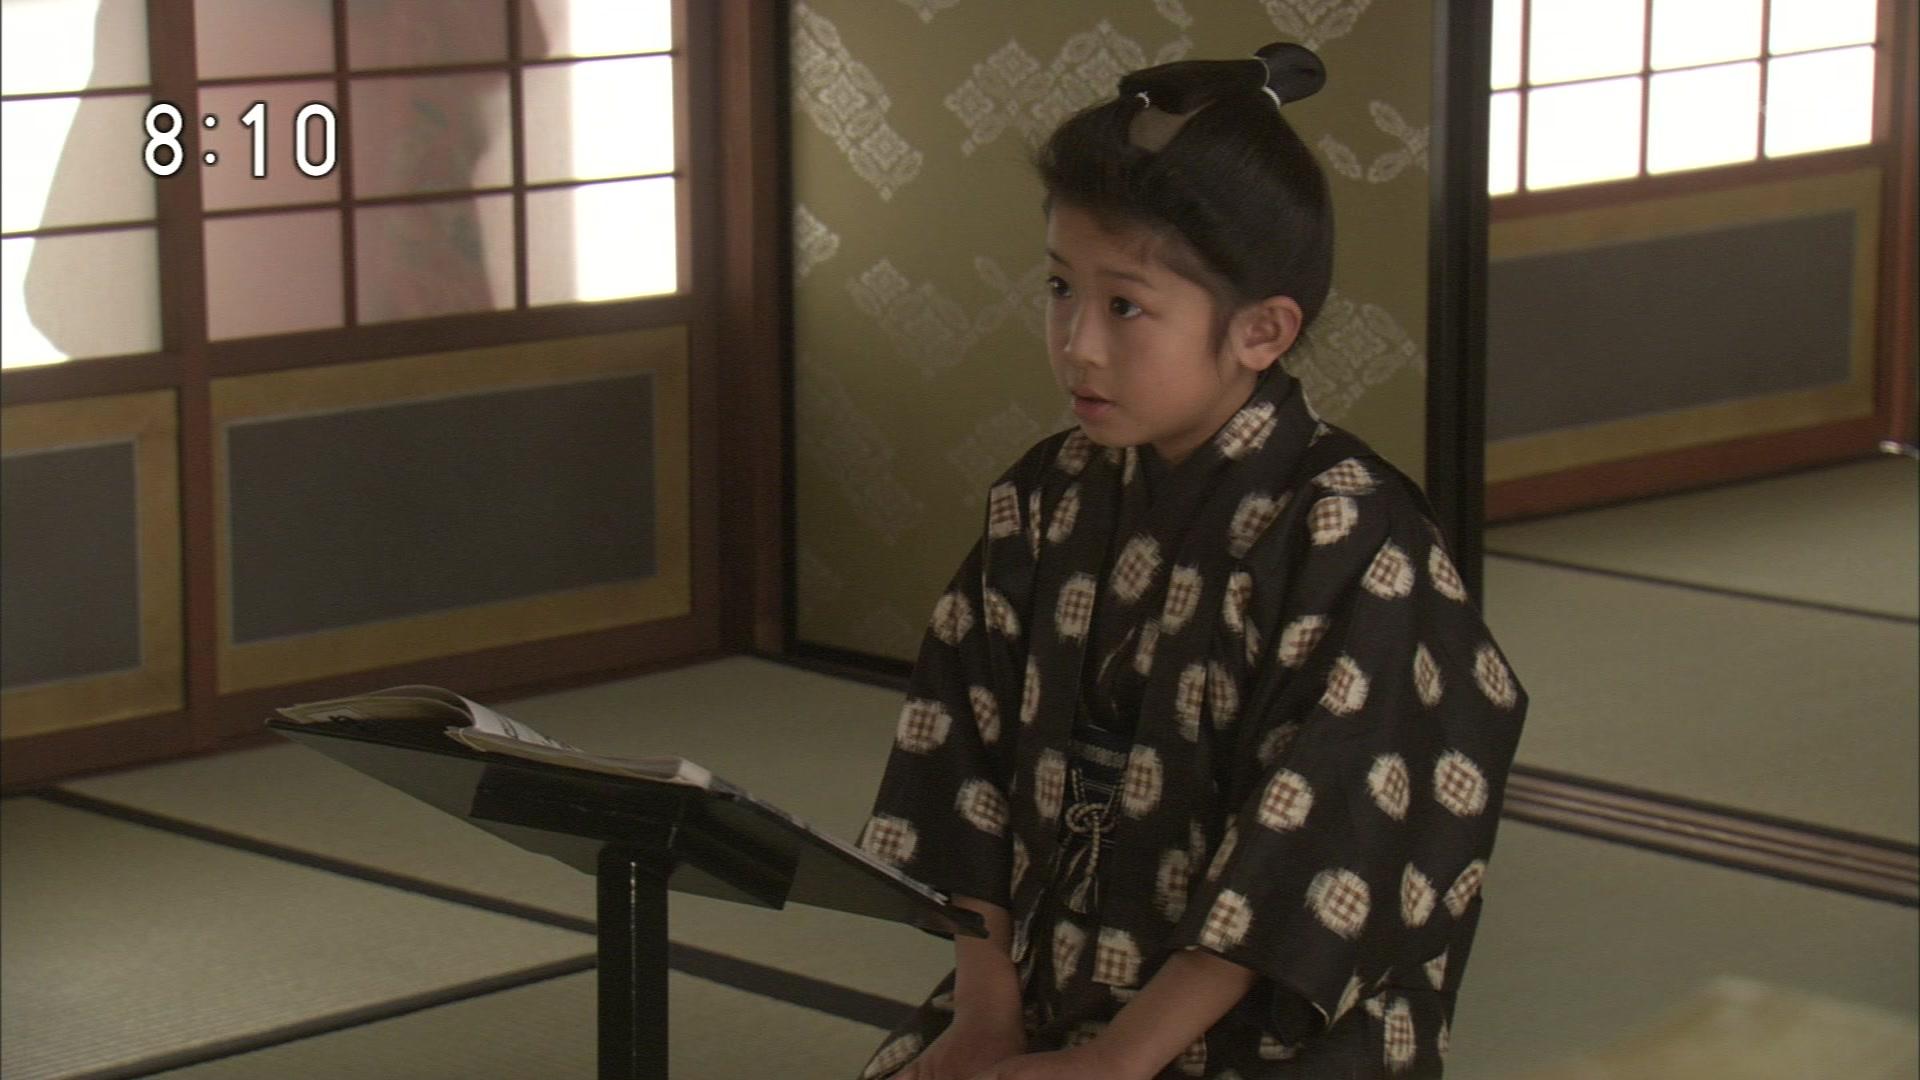 2015-09-28 08:00 連続テレビ小説 あさが来た(1)「小さな許嫁(いいなずけ)」 19800